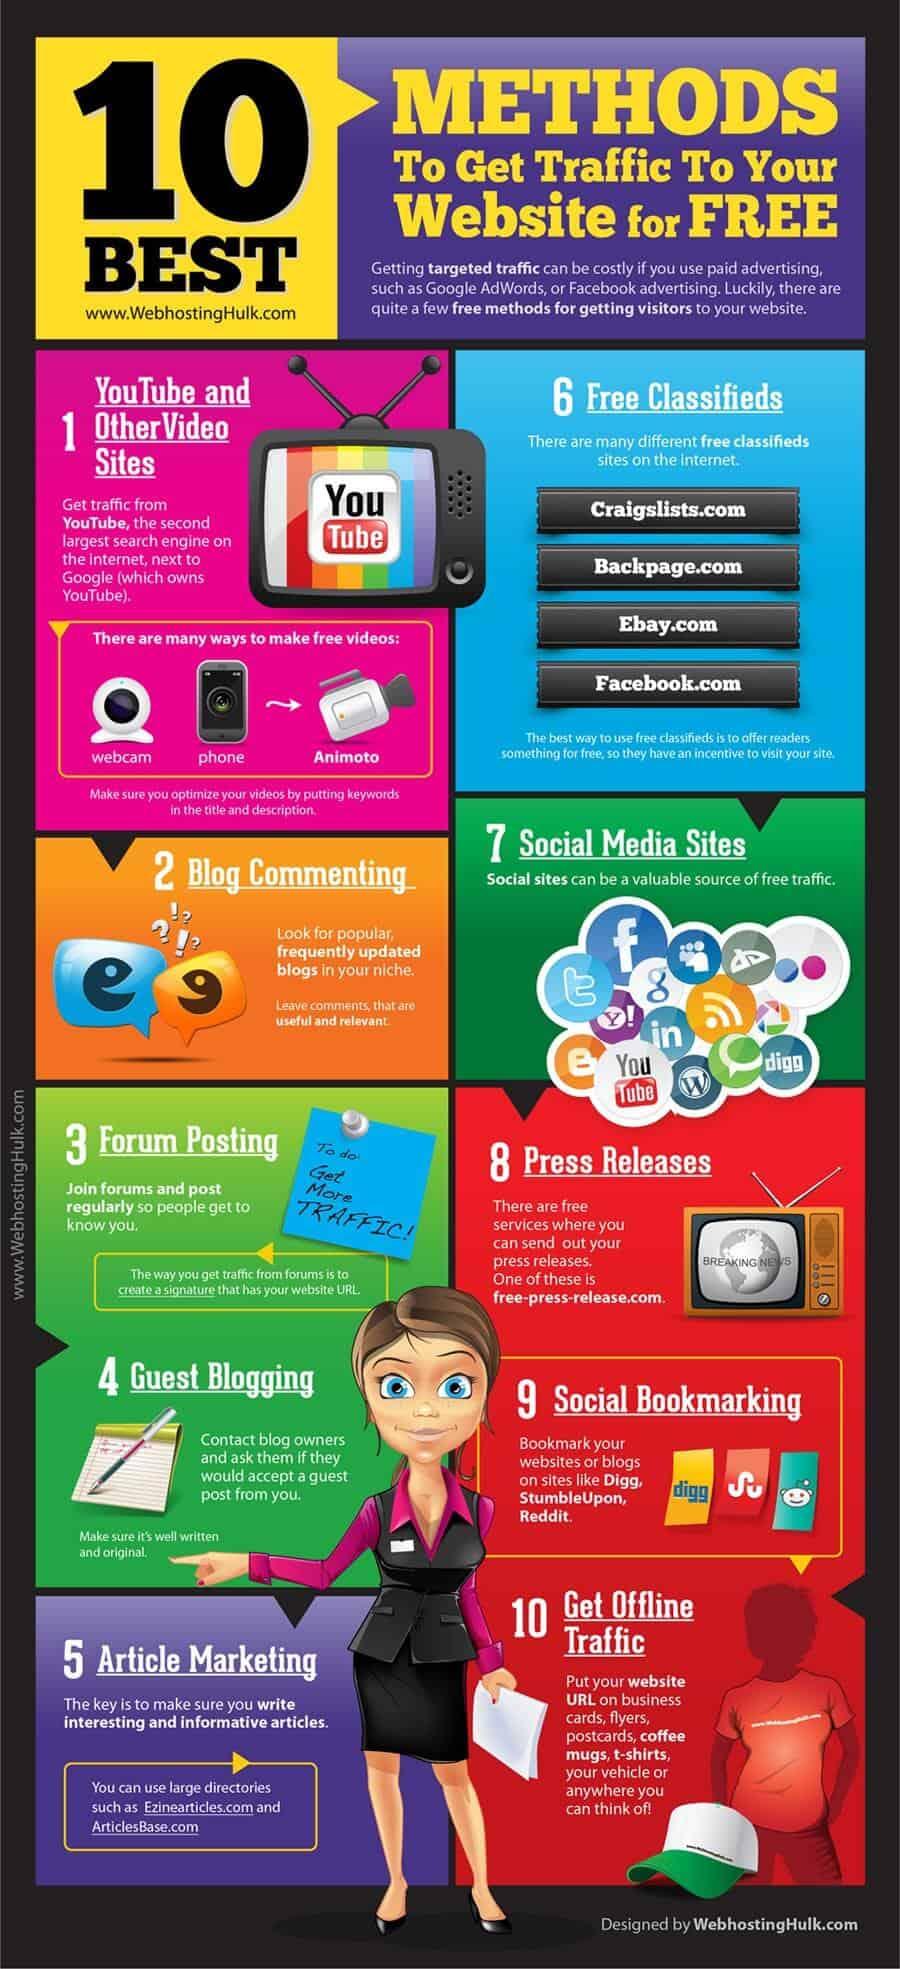 10 WAYS TO GET WEBSITE TRAFFIC